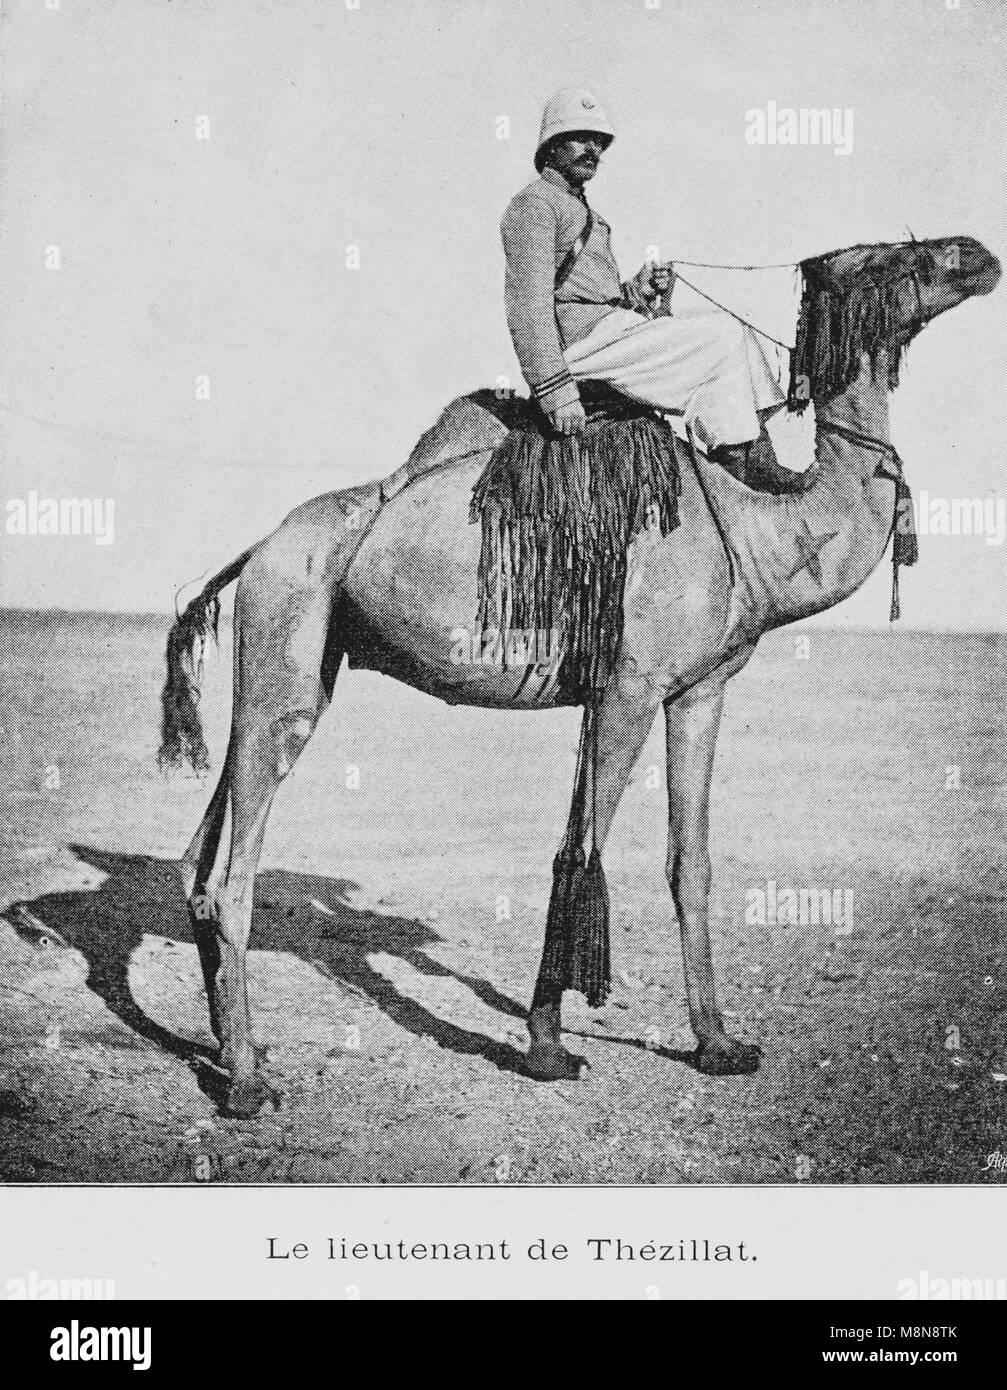 Französische Foureau-Lamy Expedition im Tschad im Jahr 1900, Leutnant de Thezillat, Bild aus der Französischen Stockbild